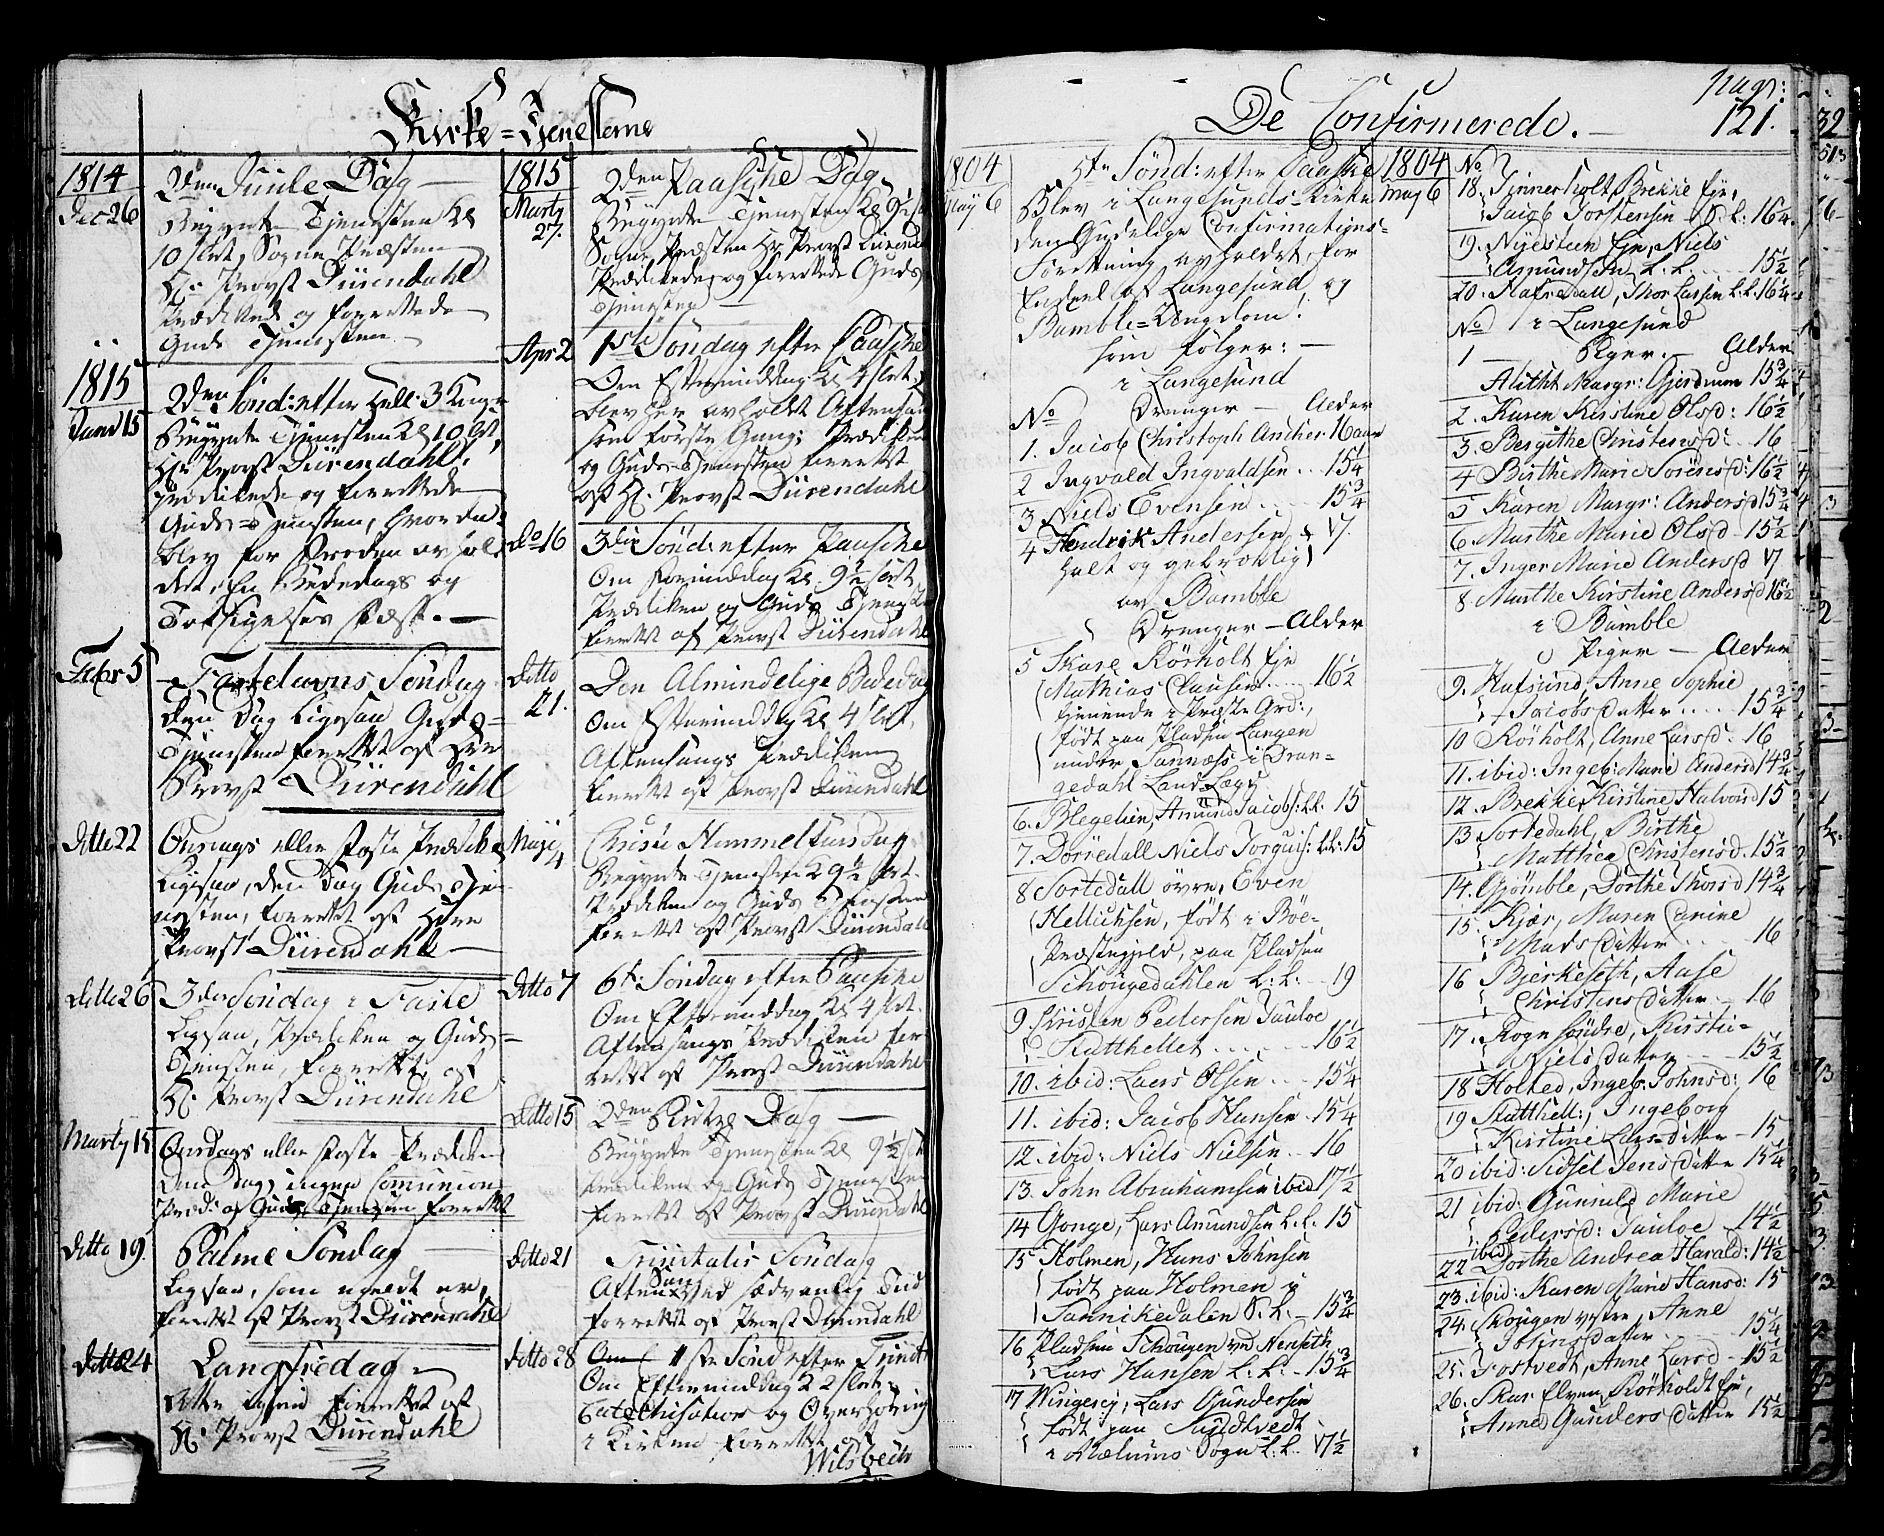 SAKO, Langesund kirkebøker, G/Ga/L0002: Klokkerbok nr. 2, 1801-1815, s. 116